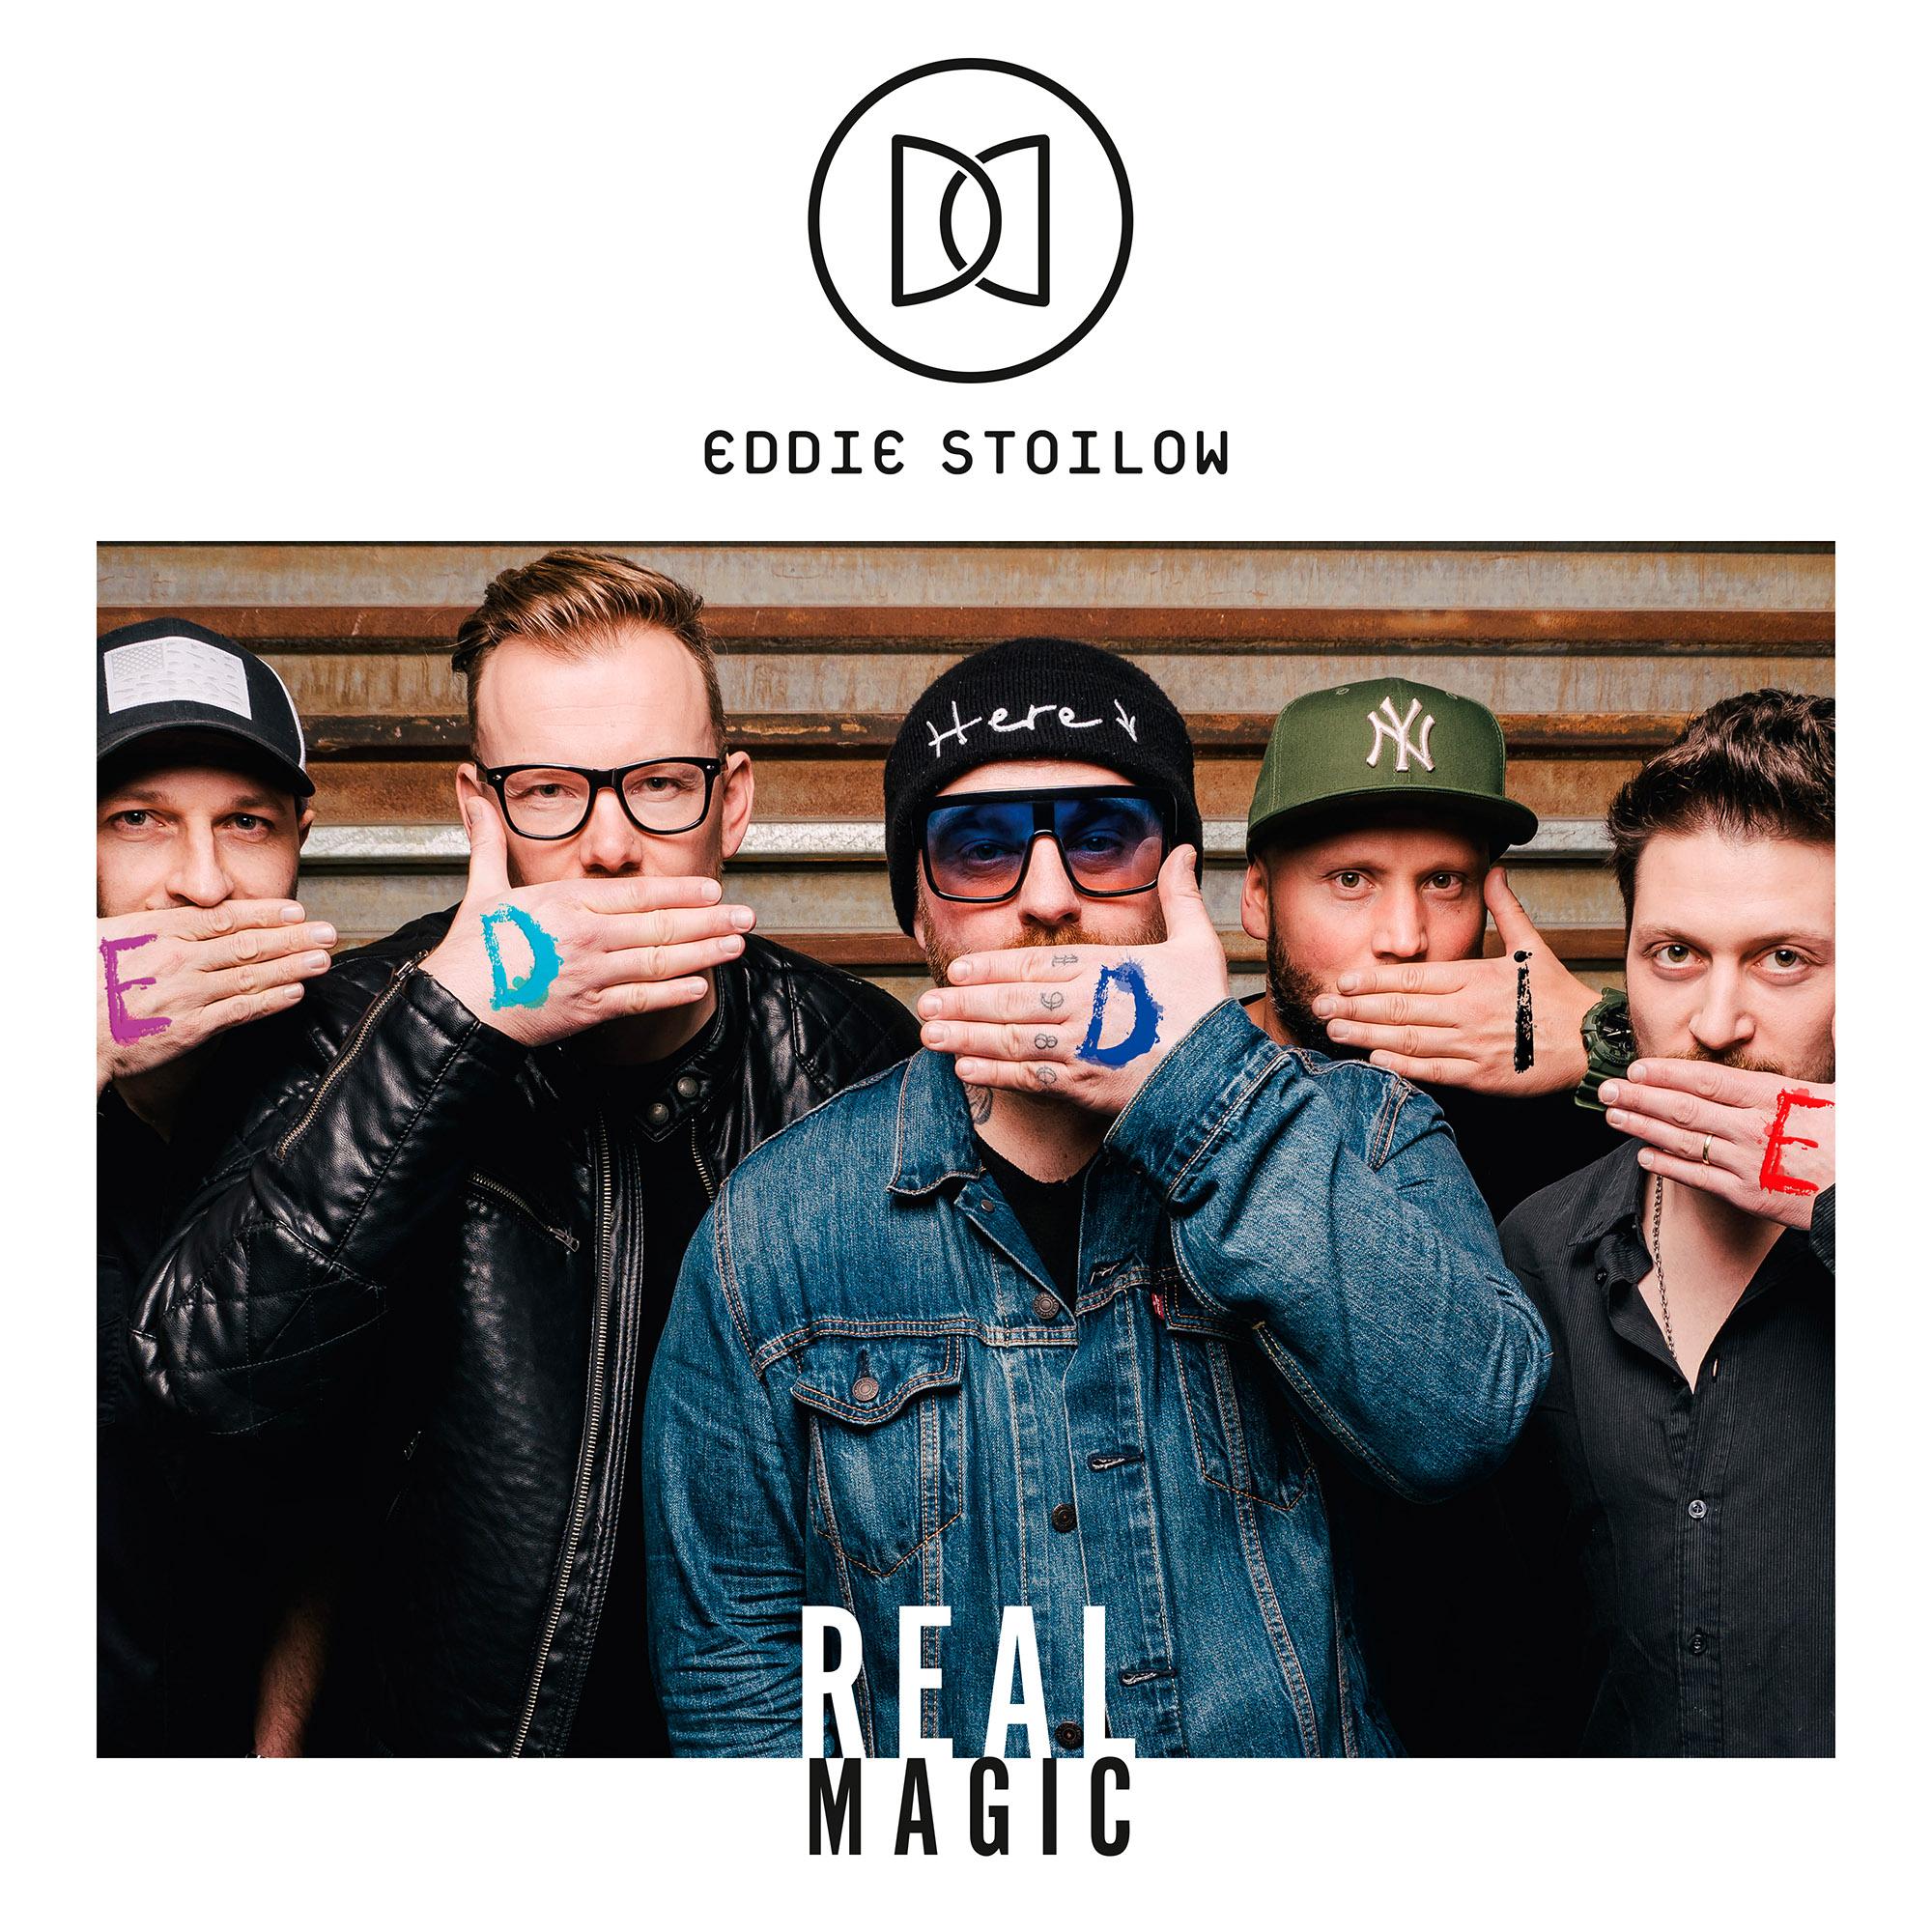 Skupina Eddie Stoilow přijala výzvu a natočila letní hit Real Magic